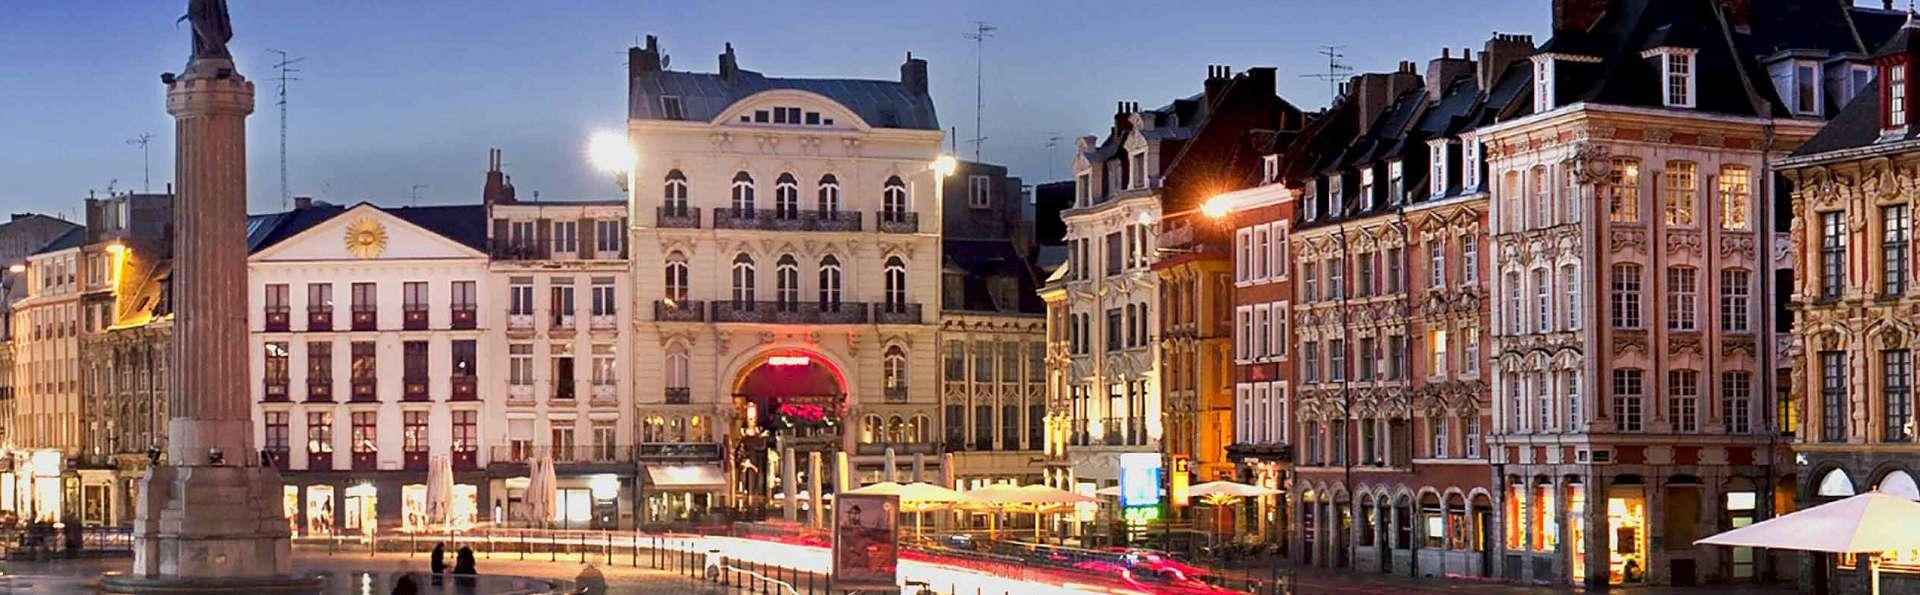 Séjour à Tournai avec visite de Lille en train et bouteille de cava